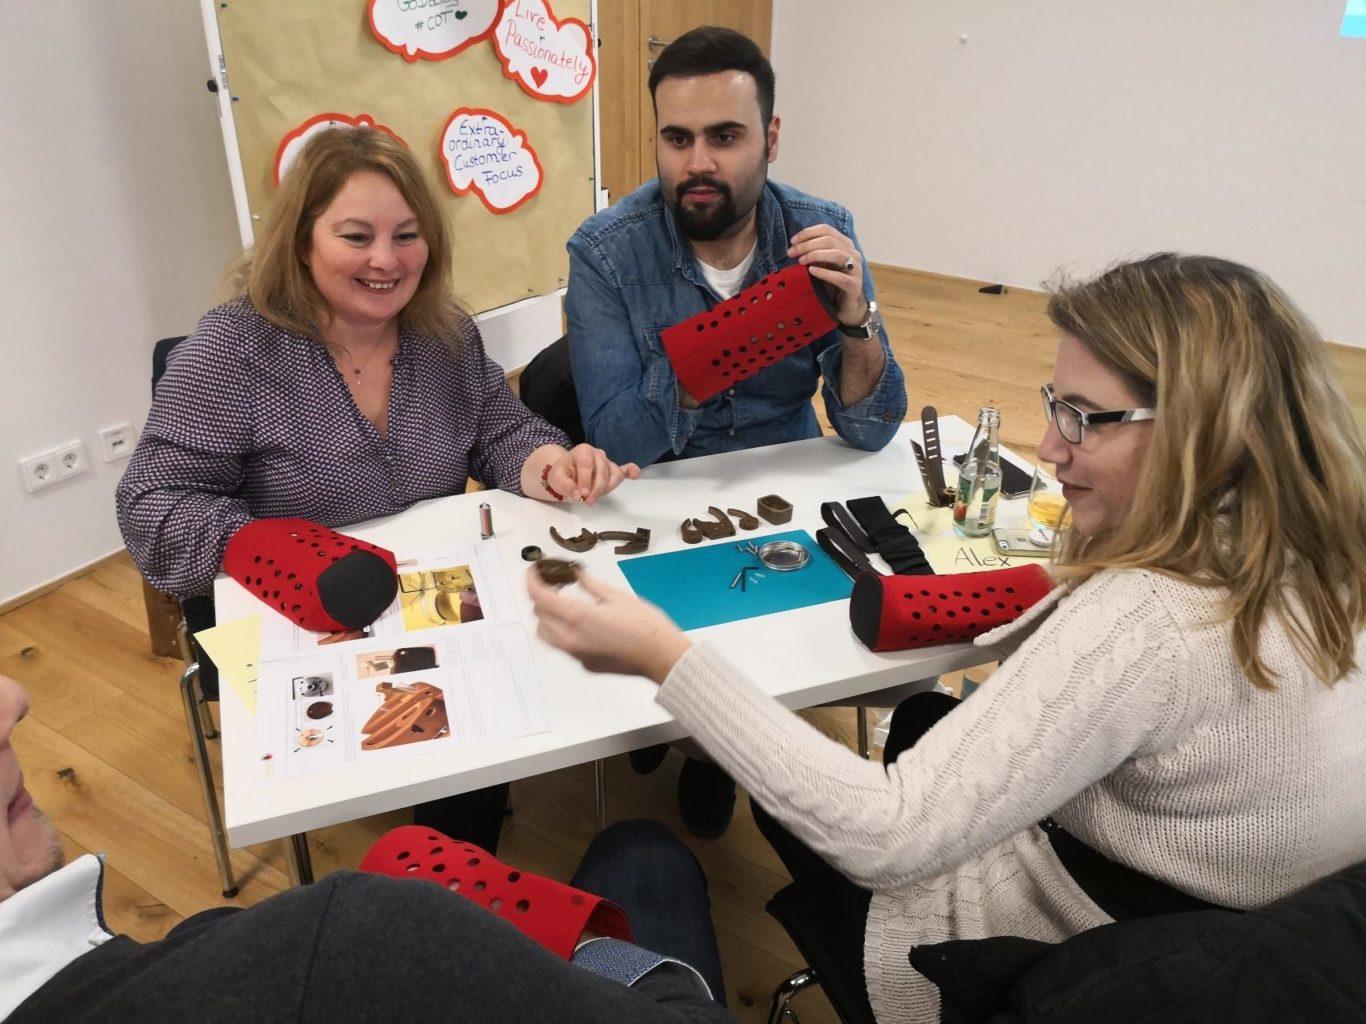 Ein Teamevent der besonderen Art- GoDaddy und Helping Hands6